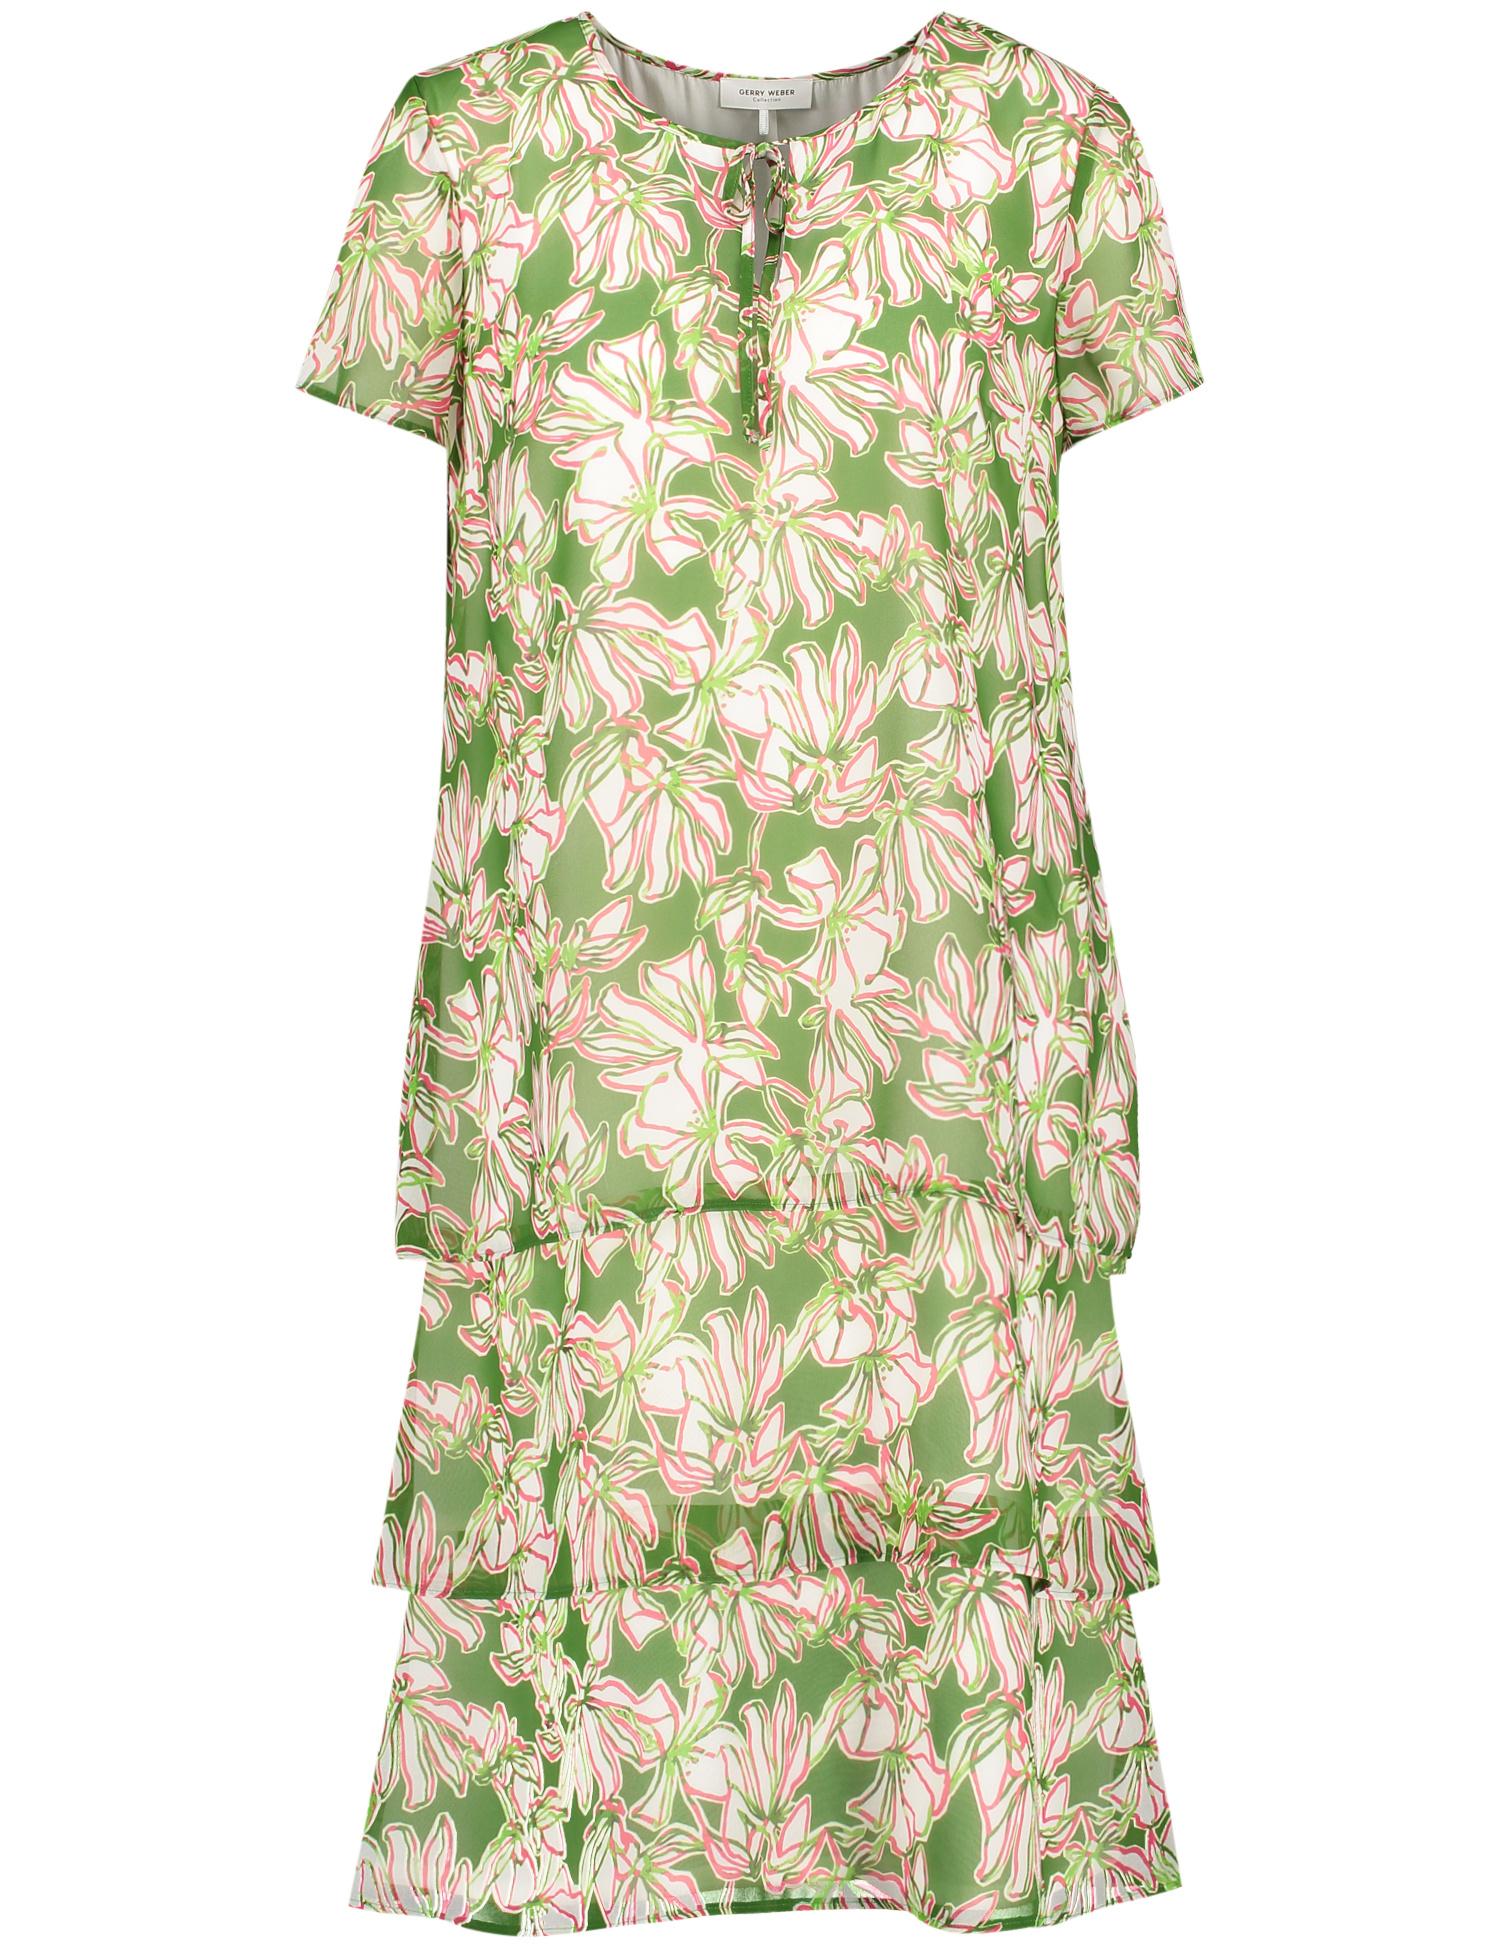 Gerry Weber kjole, multicolor, 42